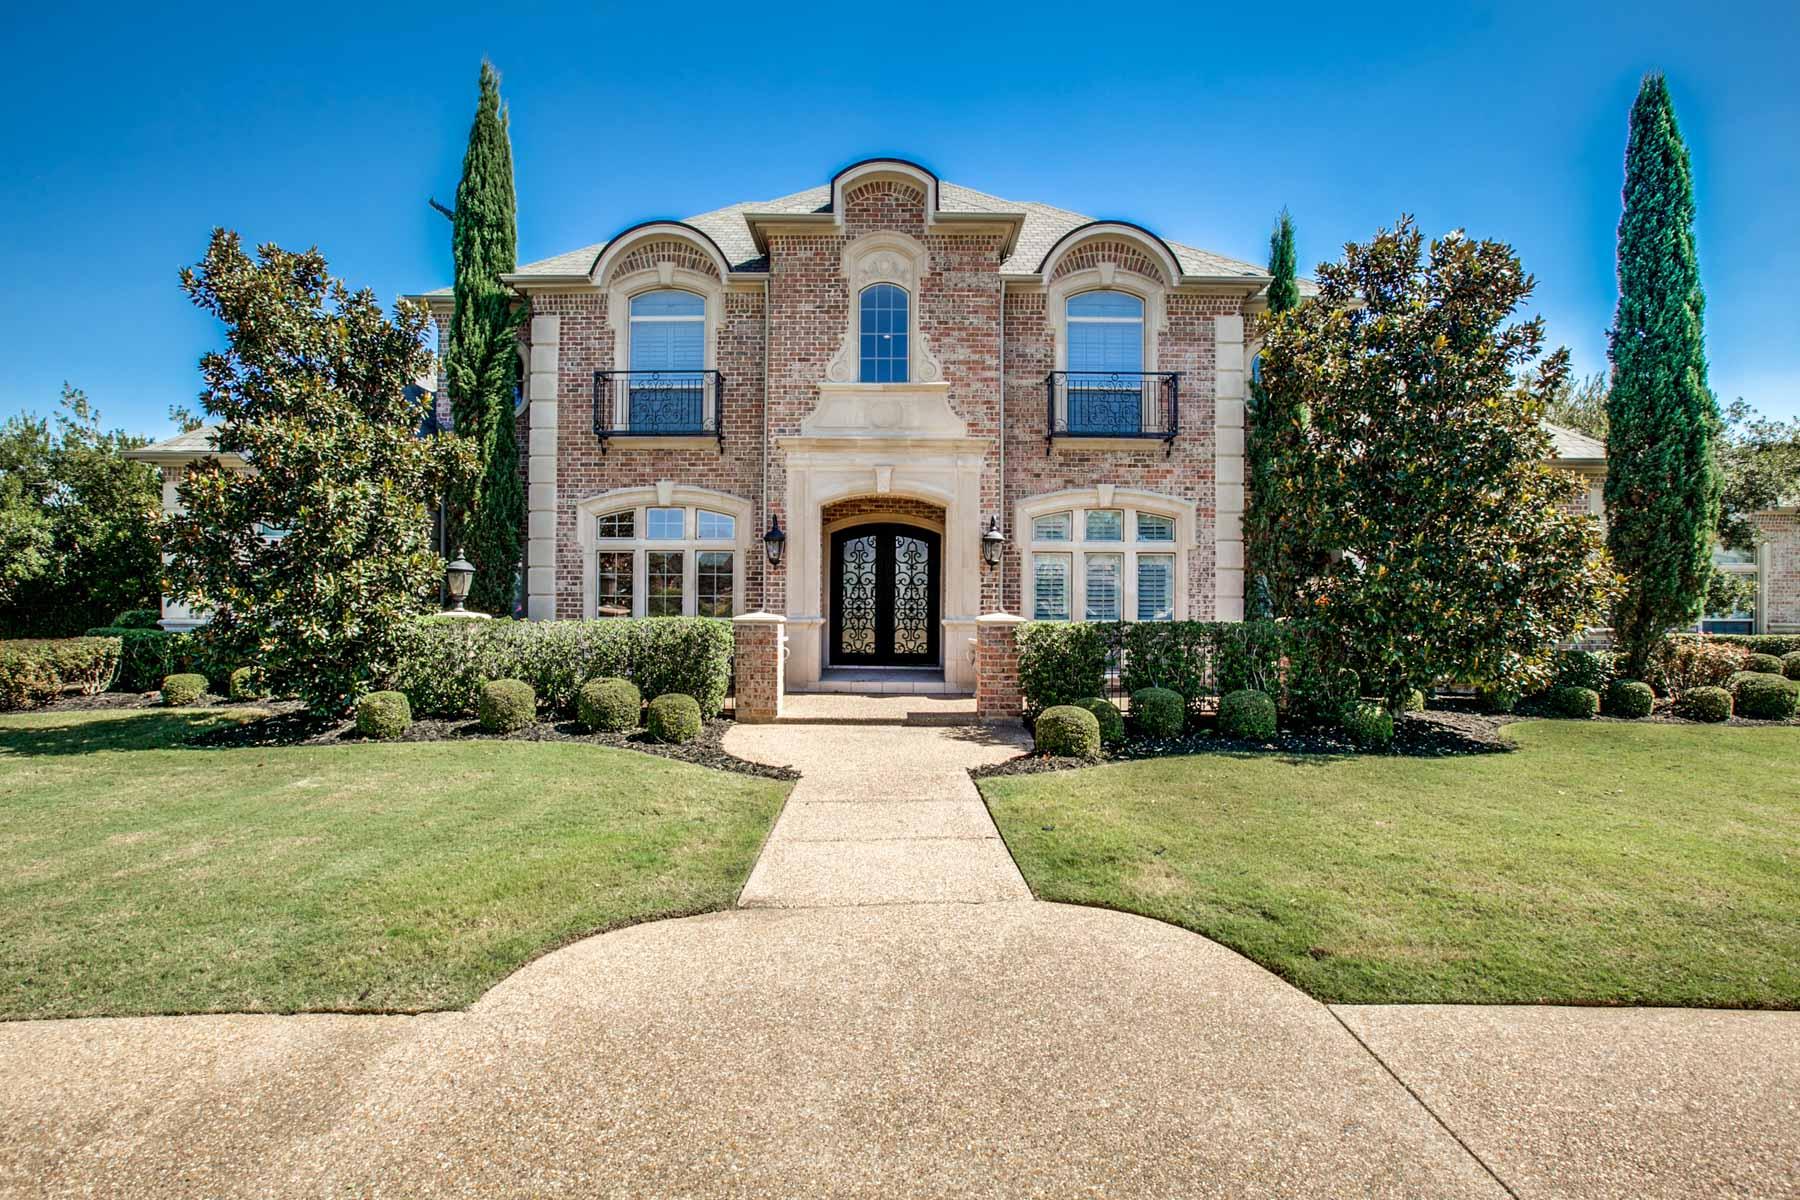 Nhà ở một gia đình vì Bán tại Classic French Chateau 3605 Blossom Park Ct Arlington, Texas, 76016 Hoa Kỳ